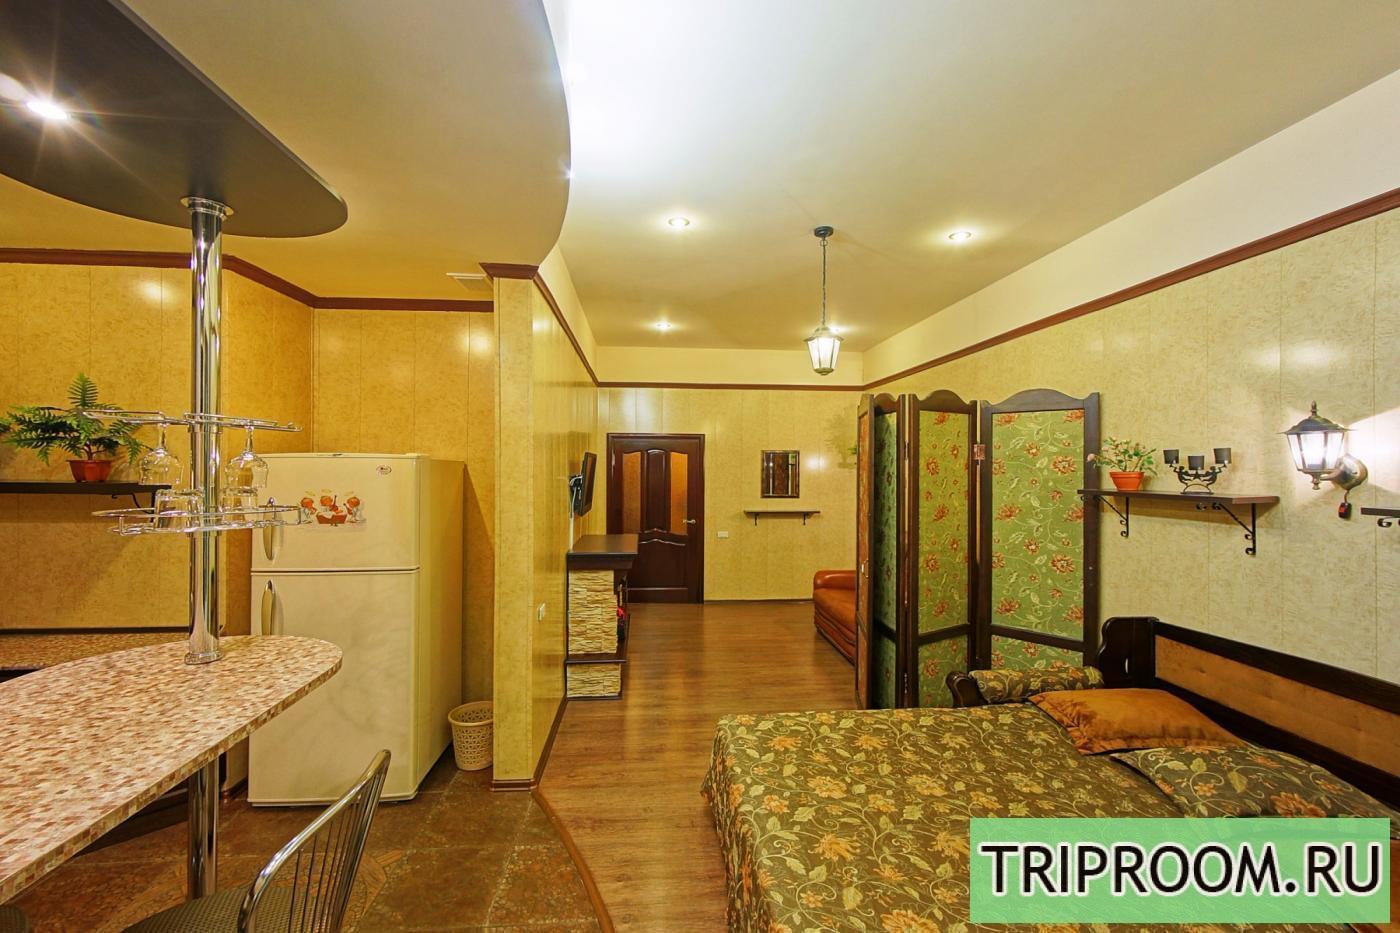 1-комнатная квартира посуточно (вариант № 6079), ул. Молодогвардейцев улица, фото № 4